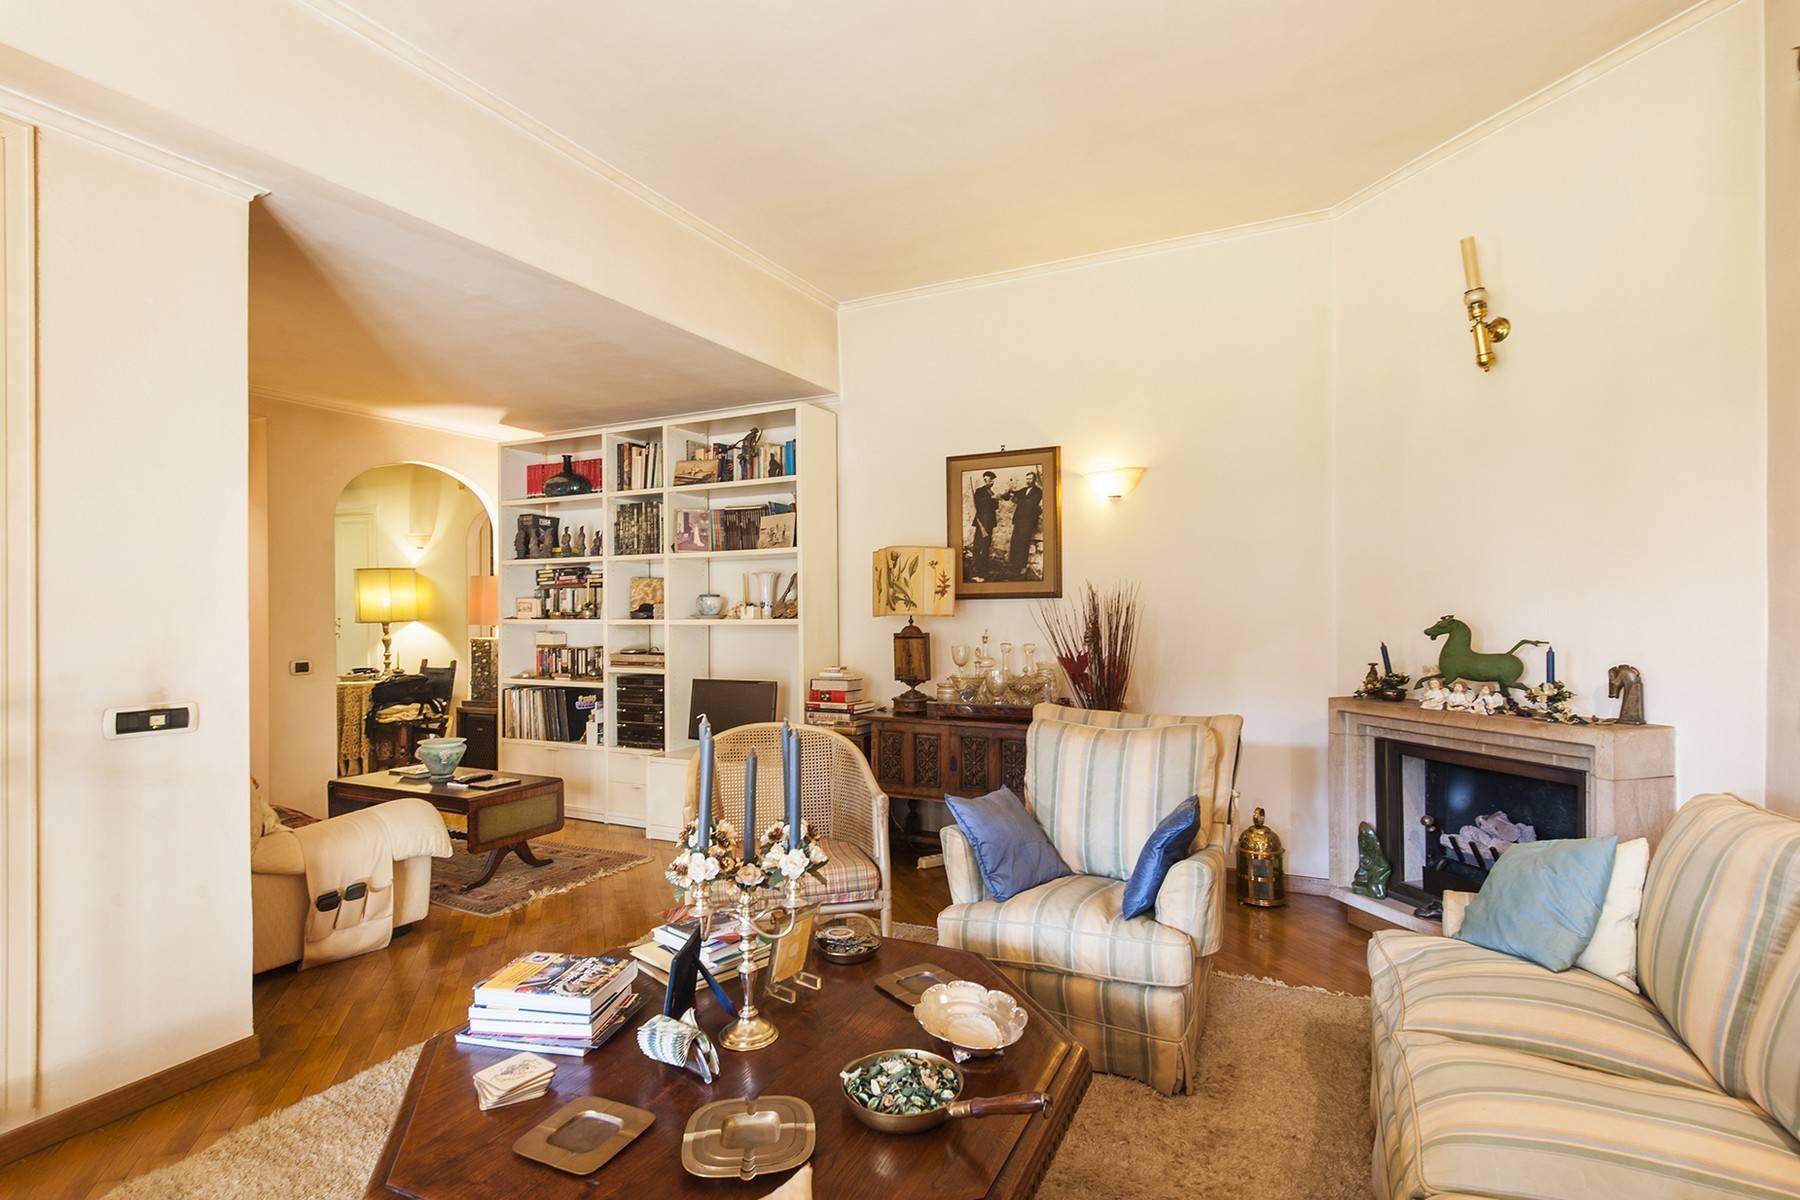 Appartamento con giardino nei pressi dell'Appia Antica - 8